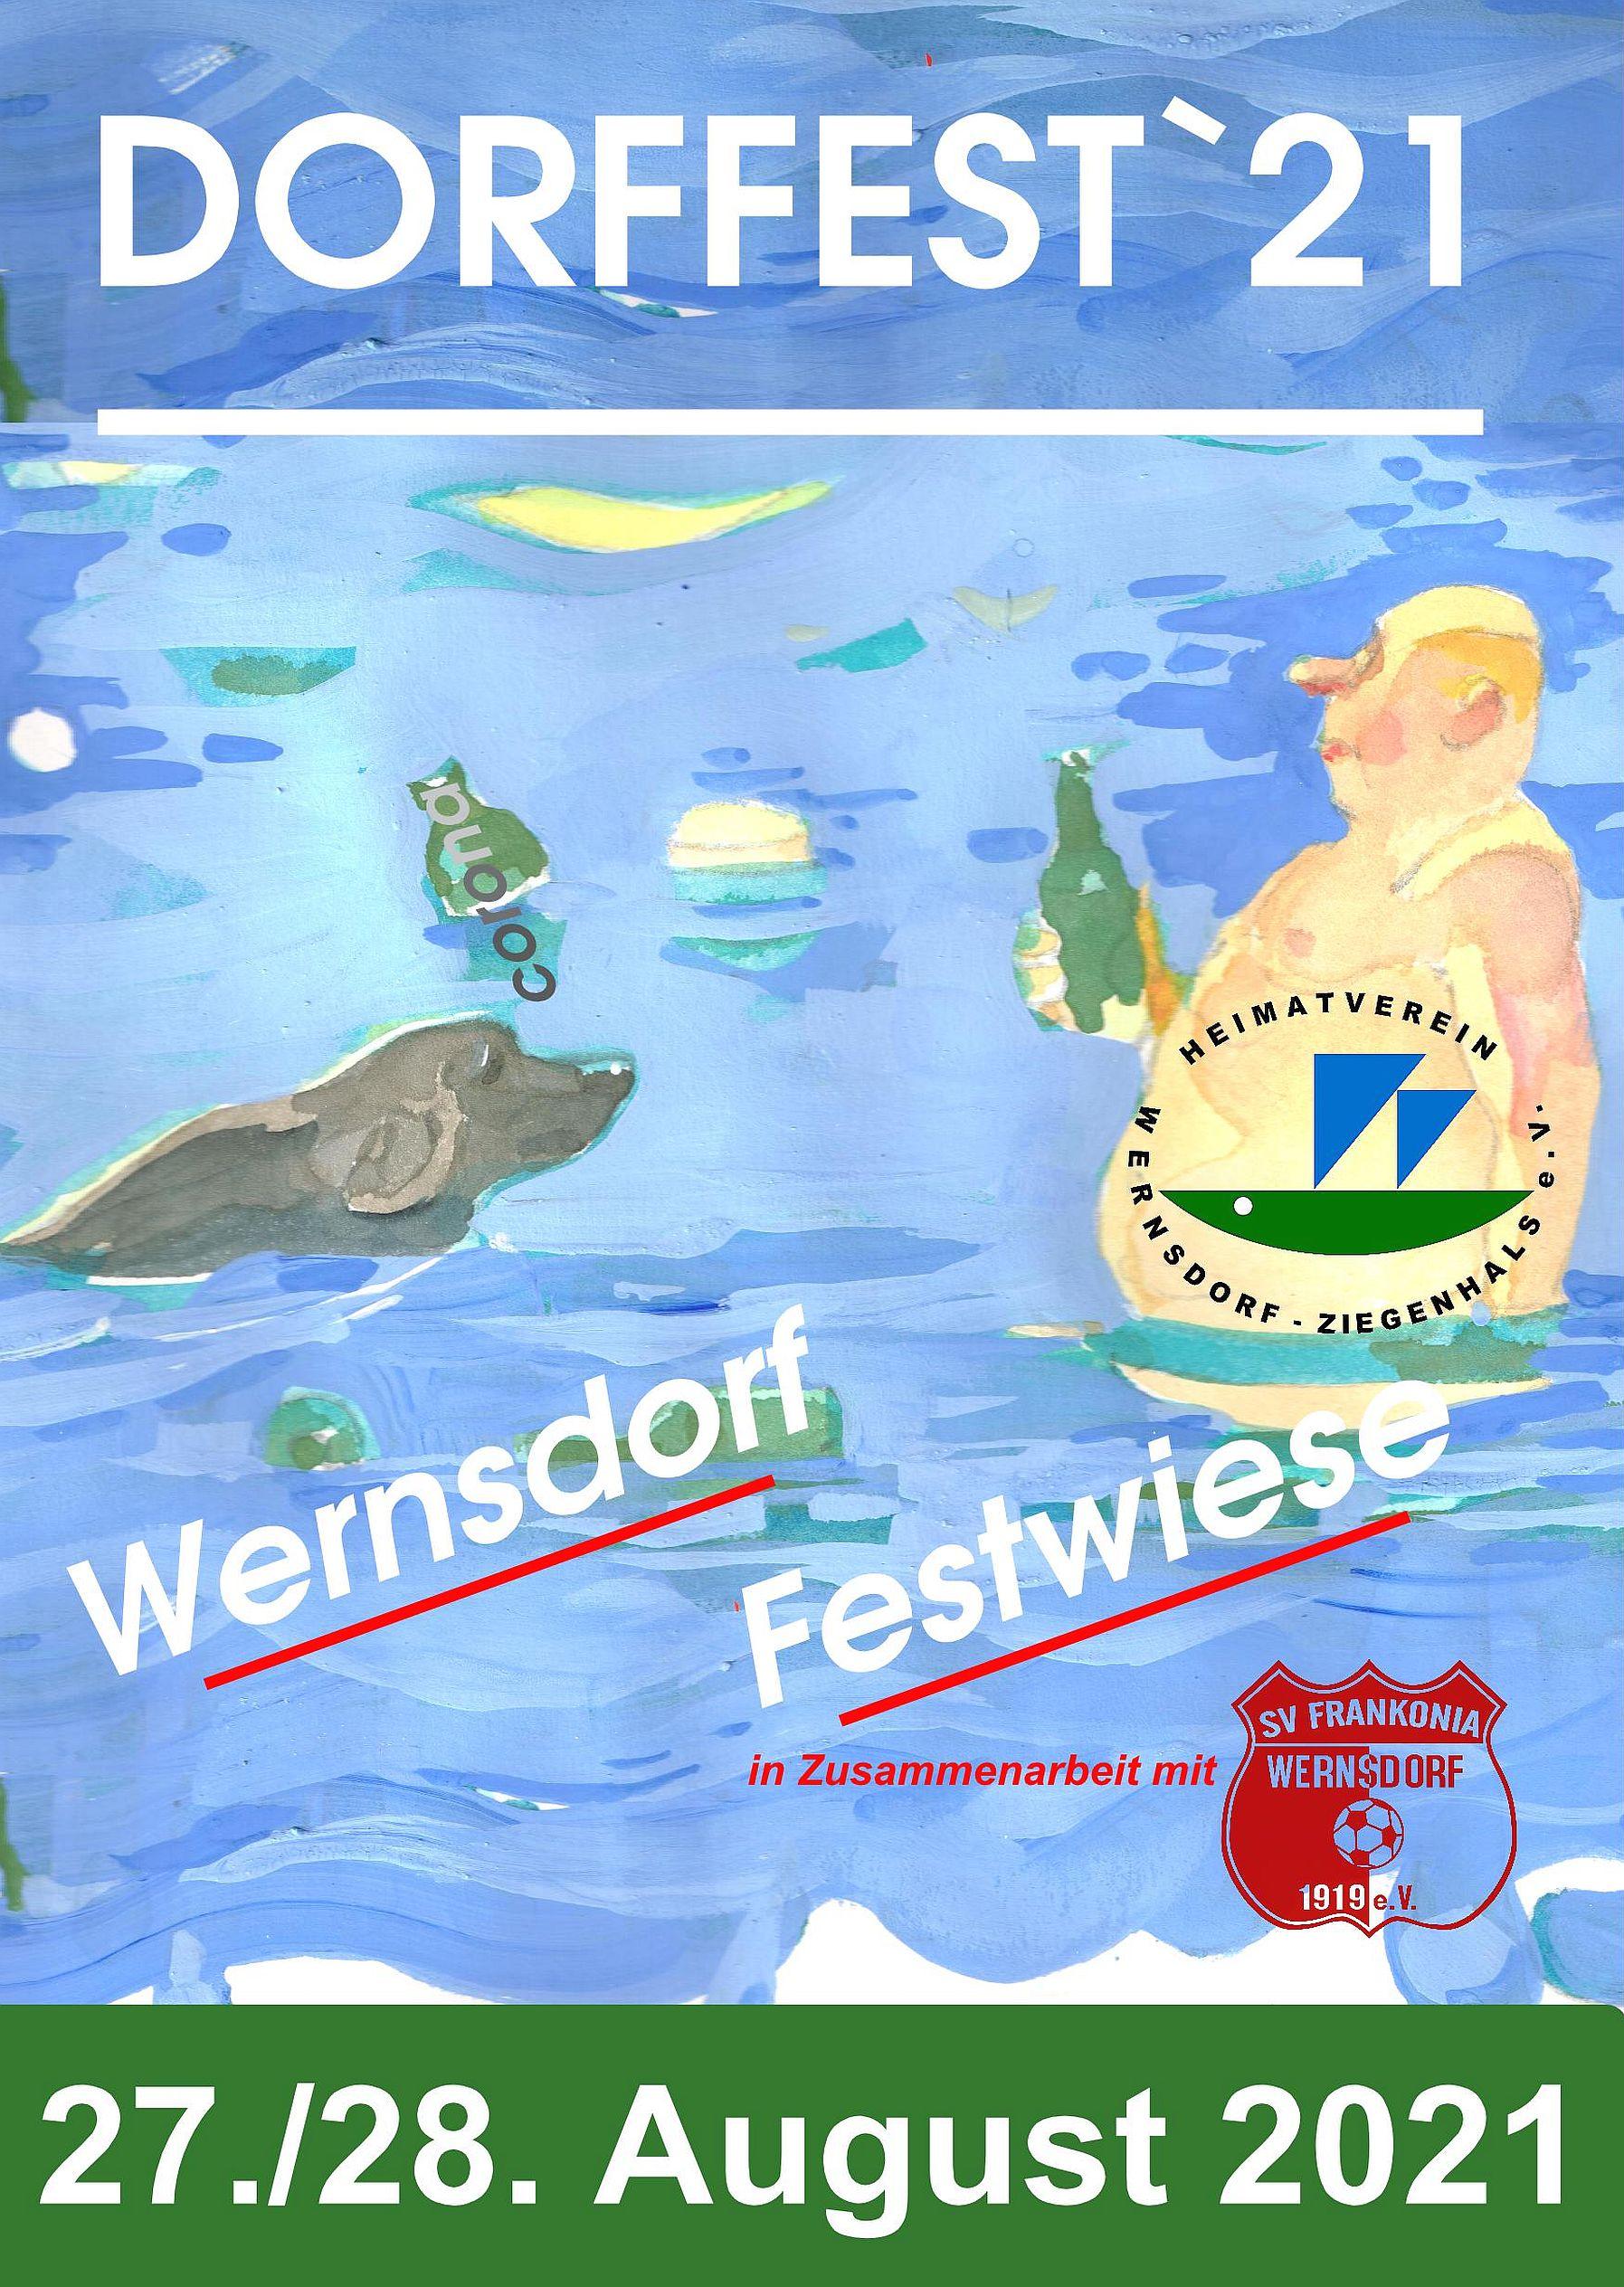 Wernsdorfer Dorffest 2021